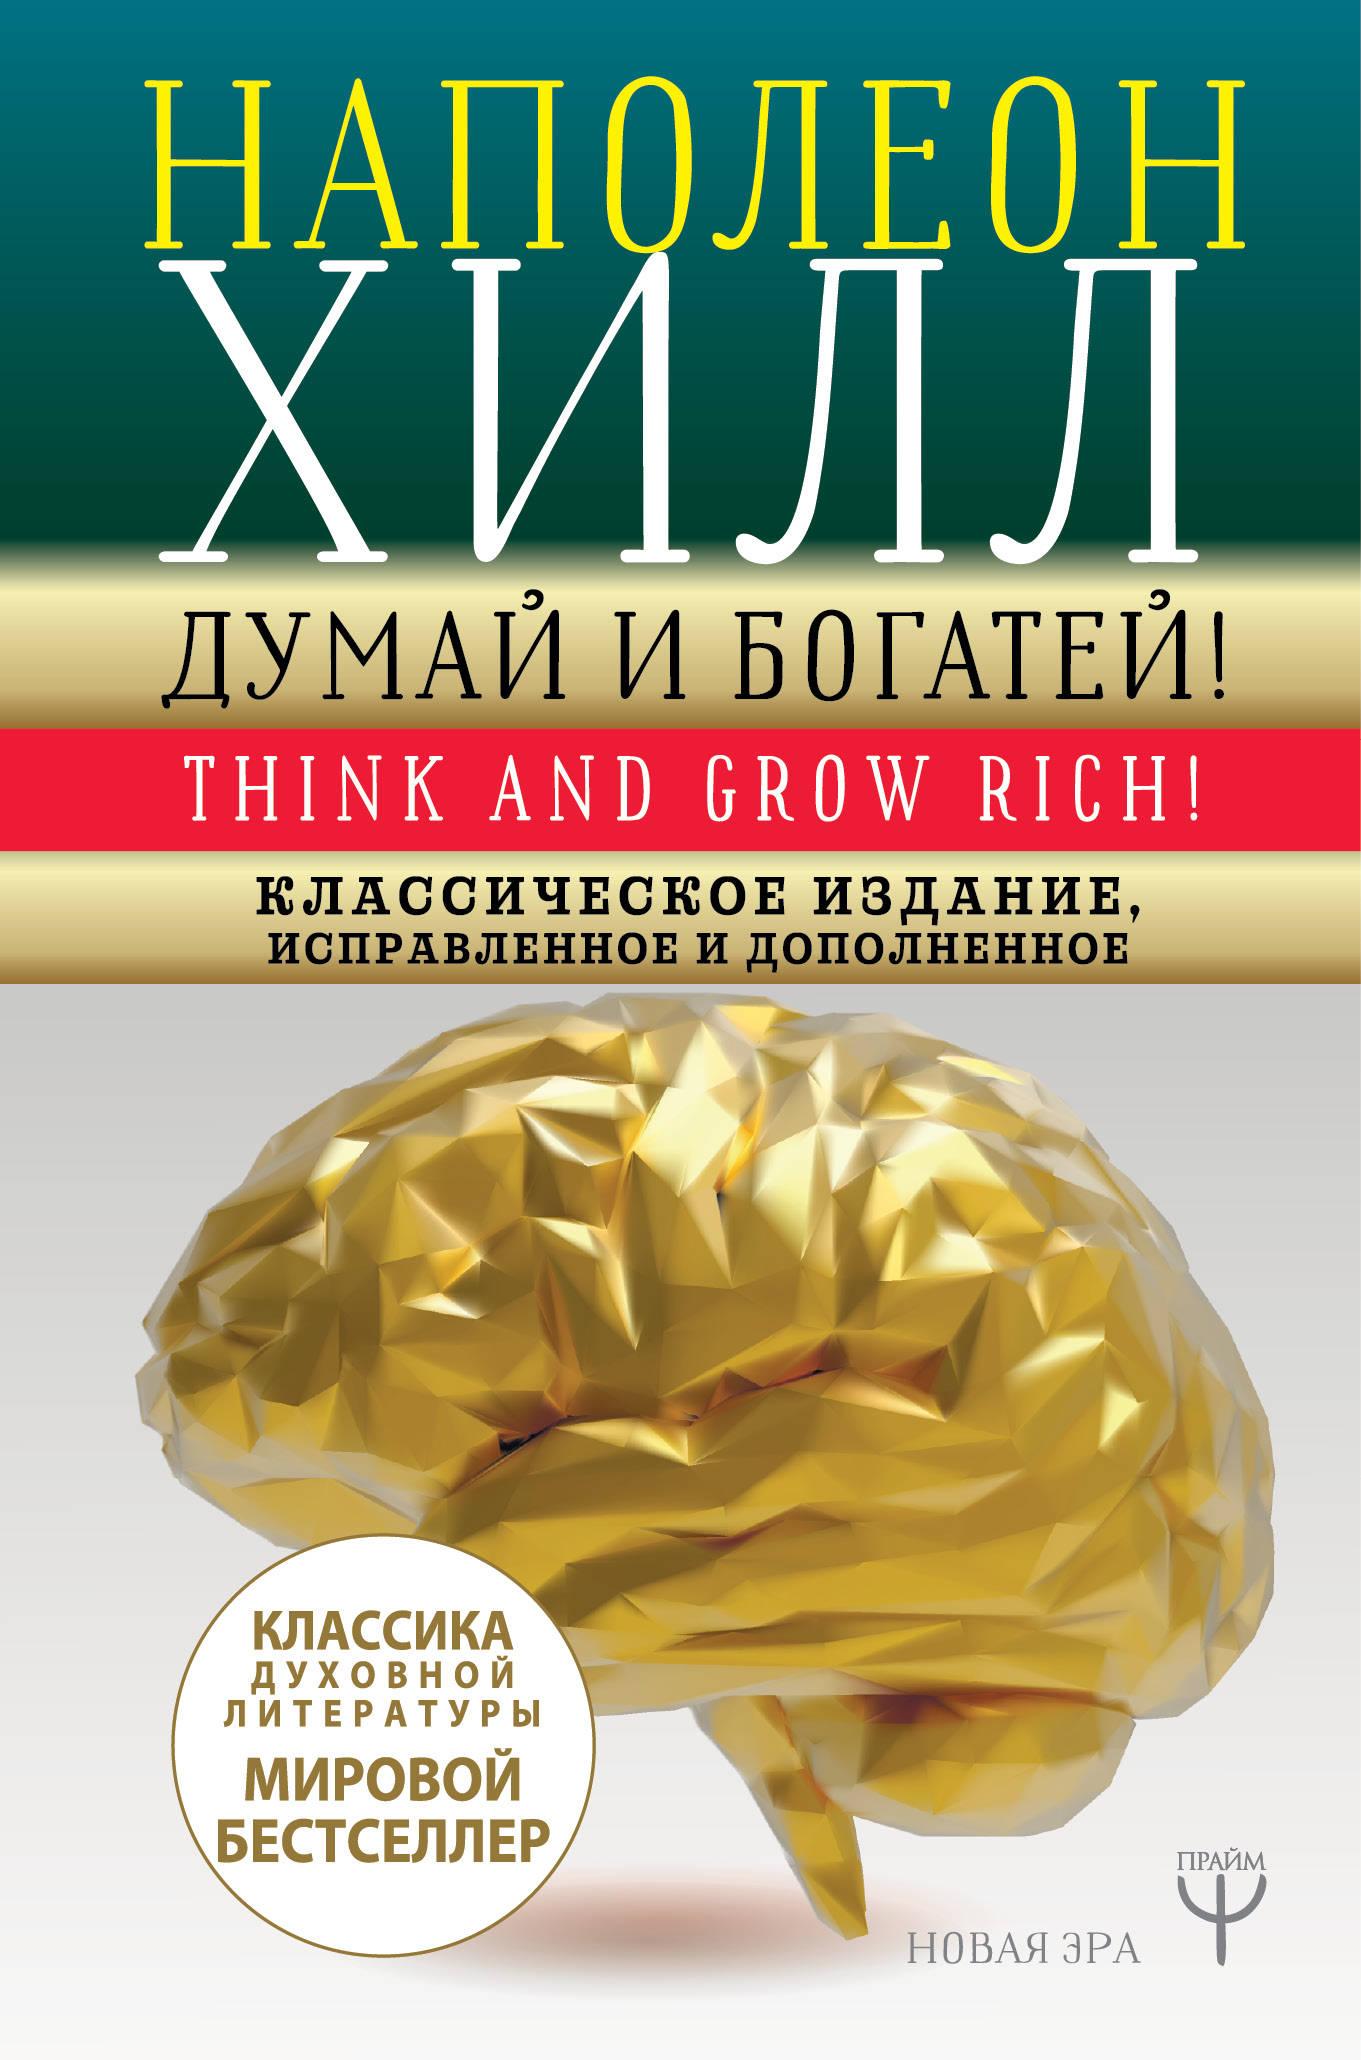 Думай и богатей! Классическое издание исправленное и дополненное